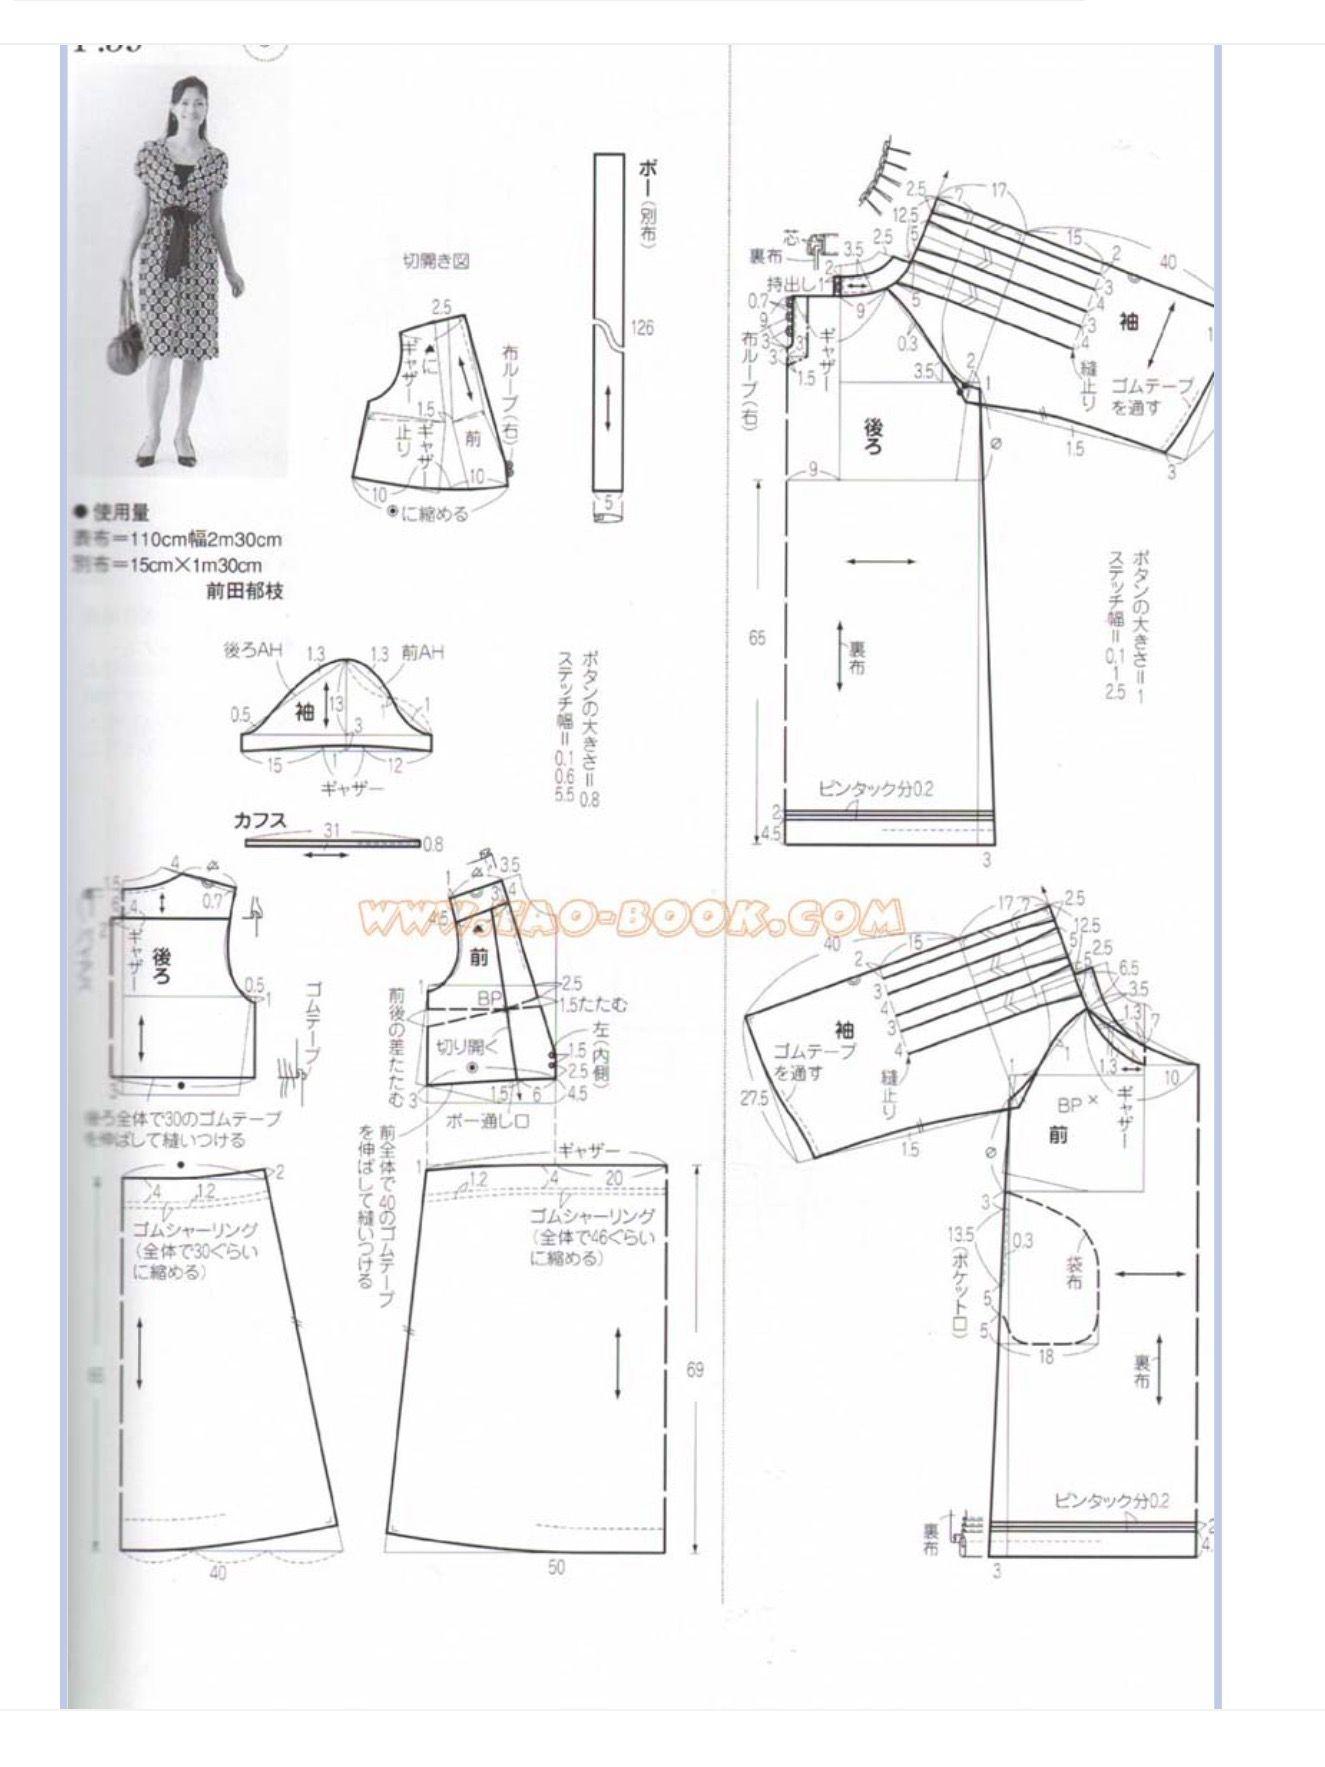 Pin de Chung Chiang Tai en 服裝 | Pinterest | Patrones faciles, Moda ...